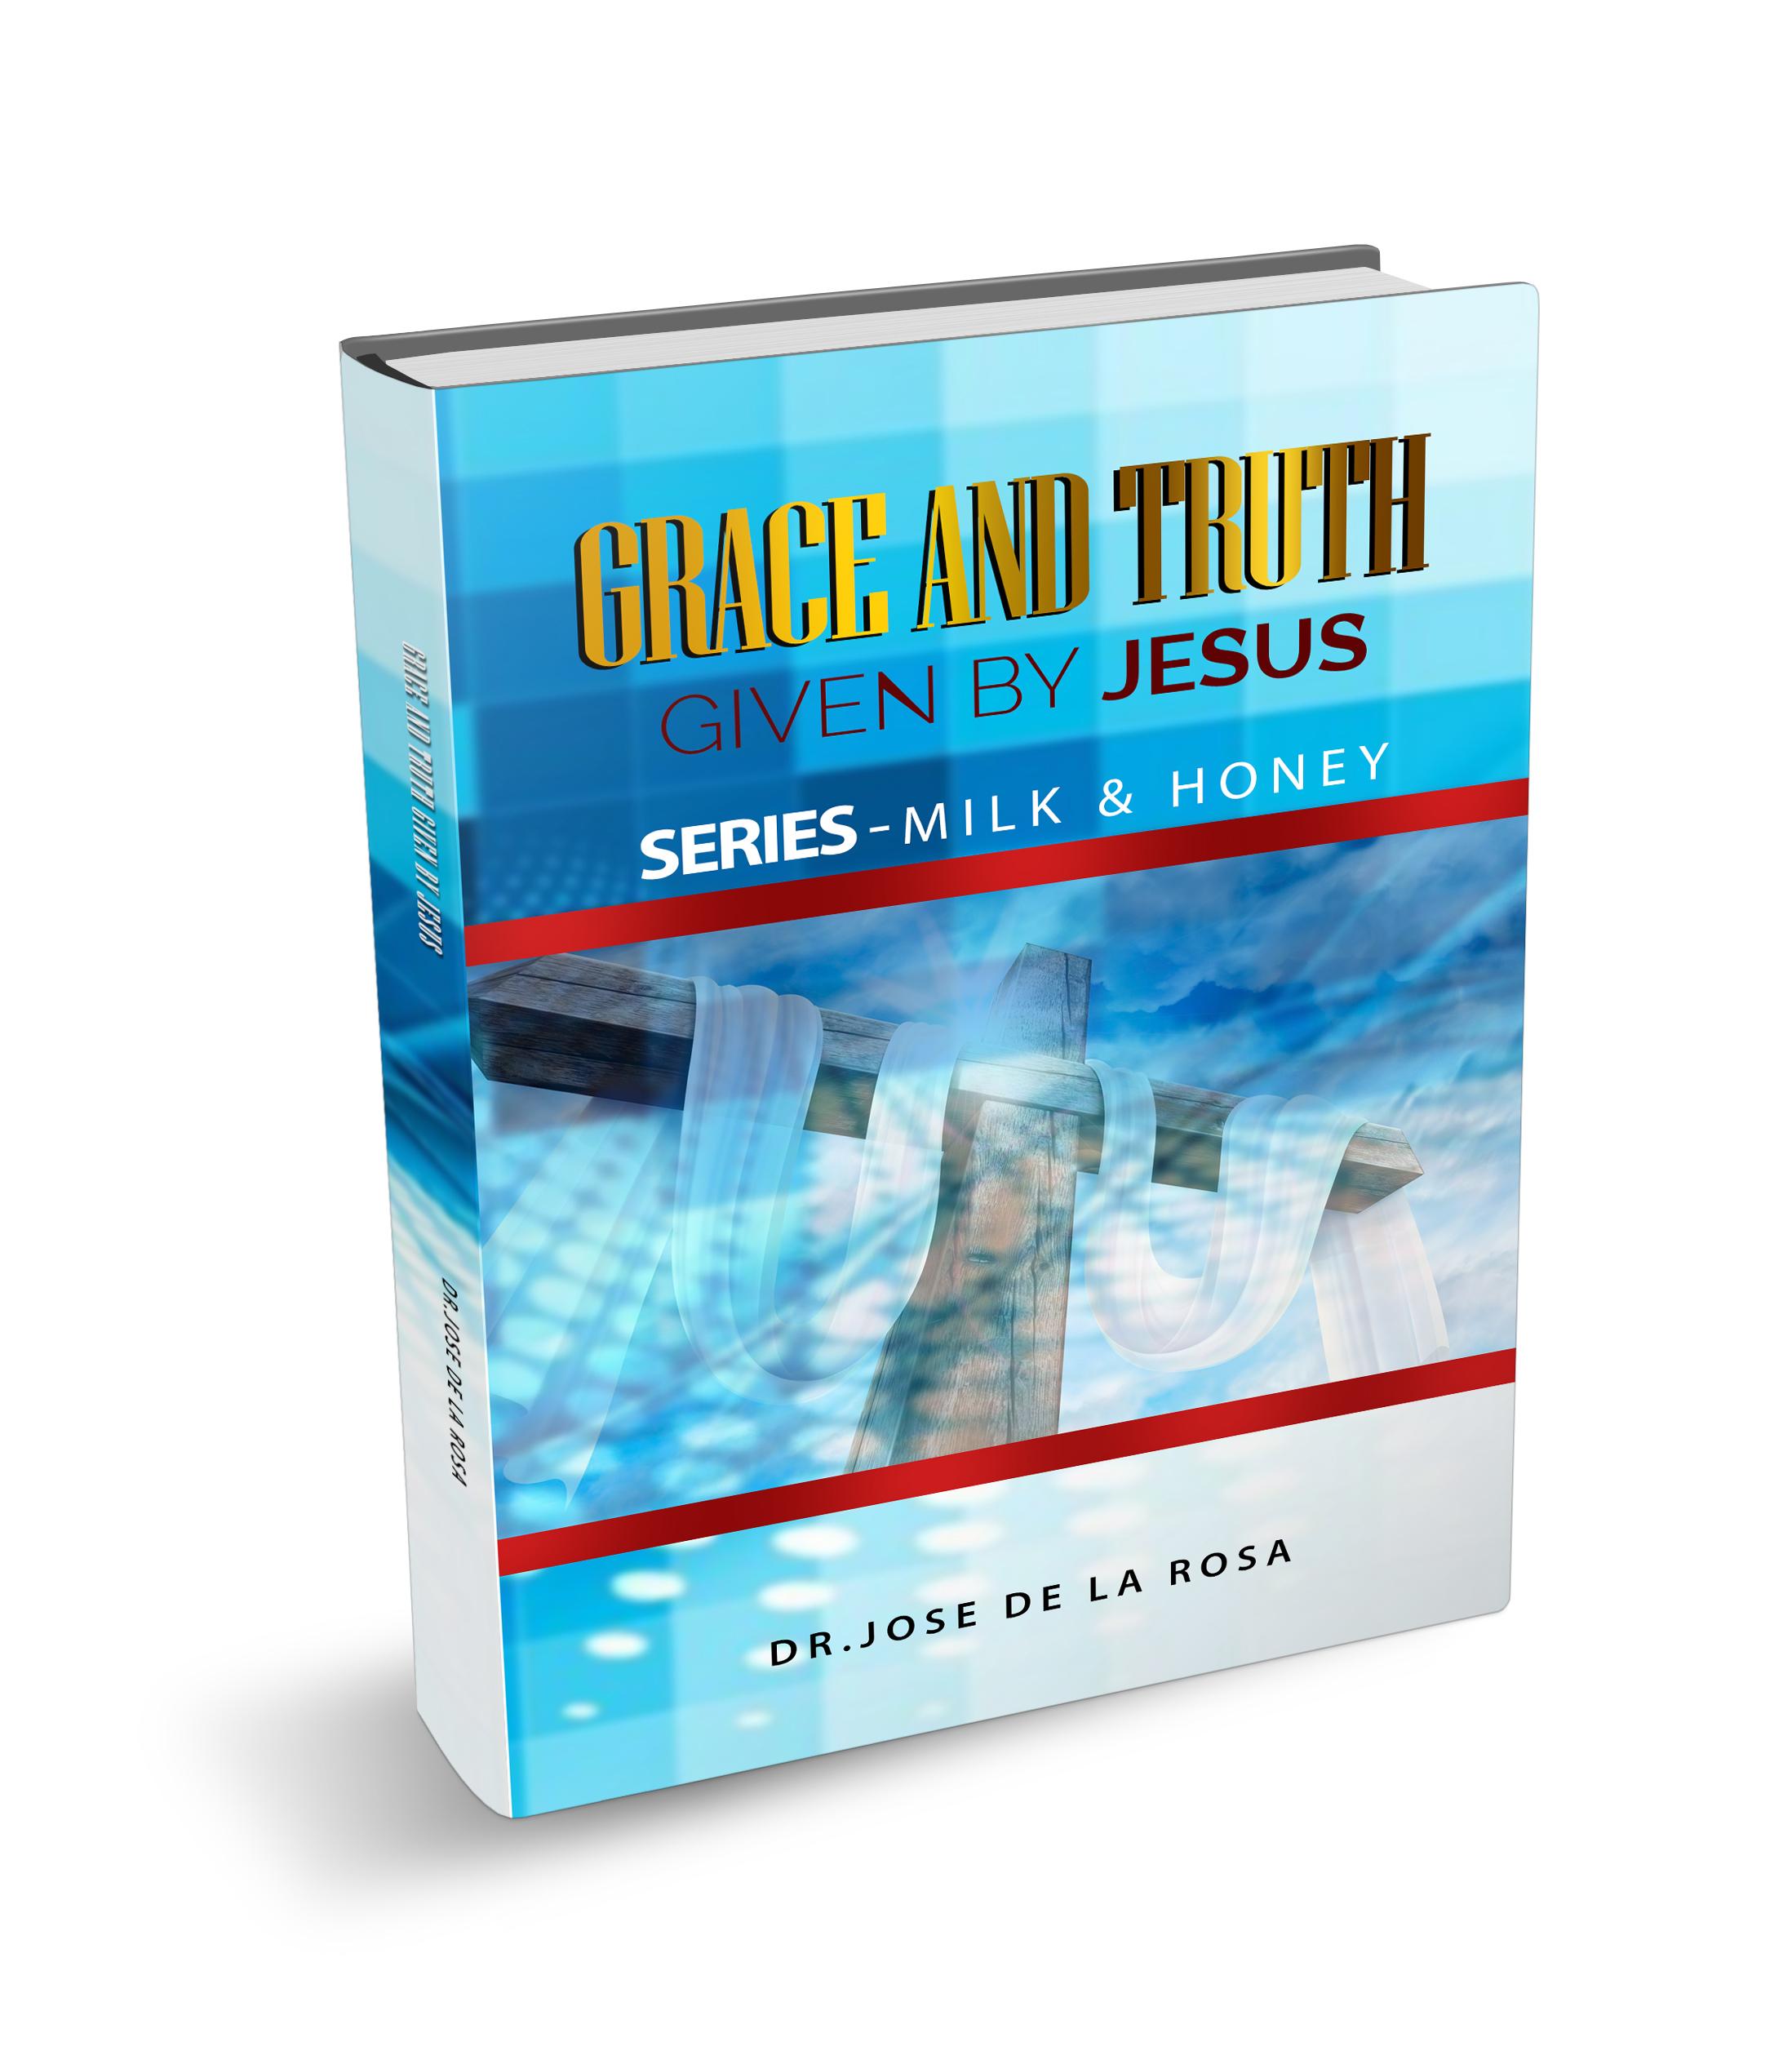 https://www.amazon.com/GRACE-TRUTH-GIVEN-JESUS-005/dp/1674150768/ref=sr_1_1?dchild=1&keywords=Grace+and+Truth+Dr.+Jose+De+la+